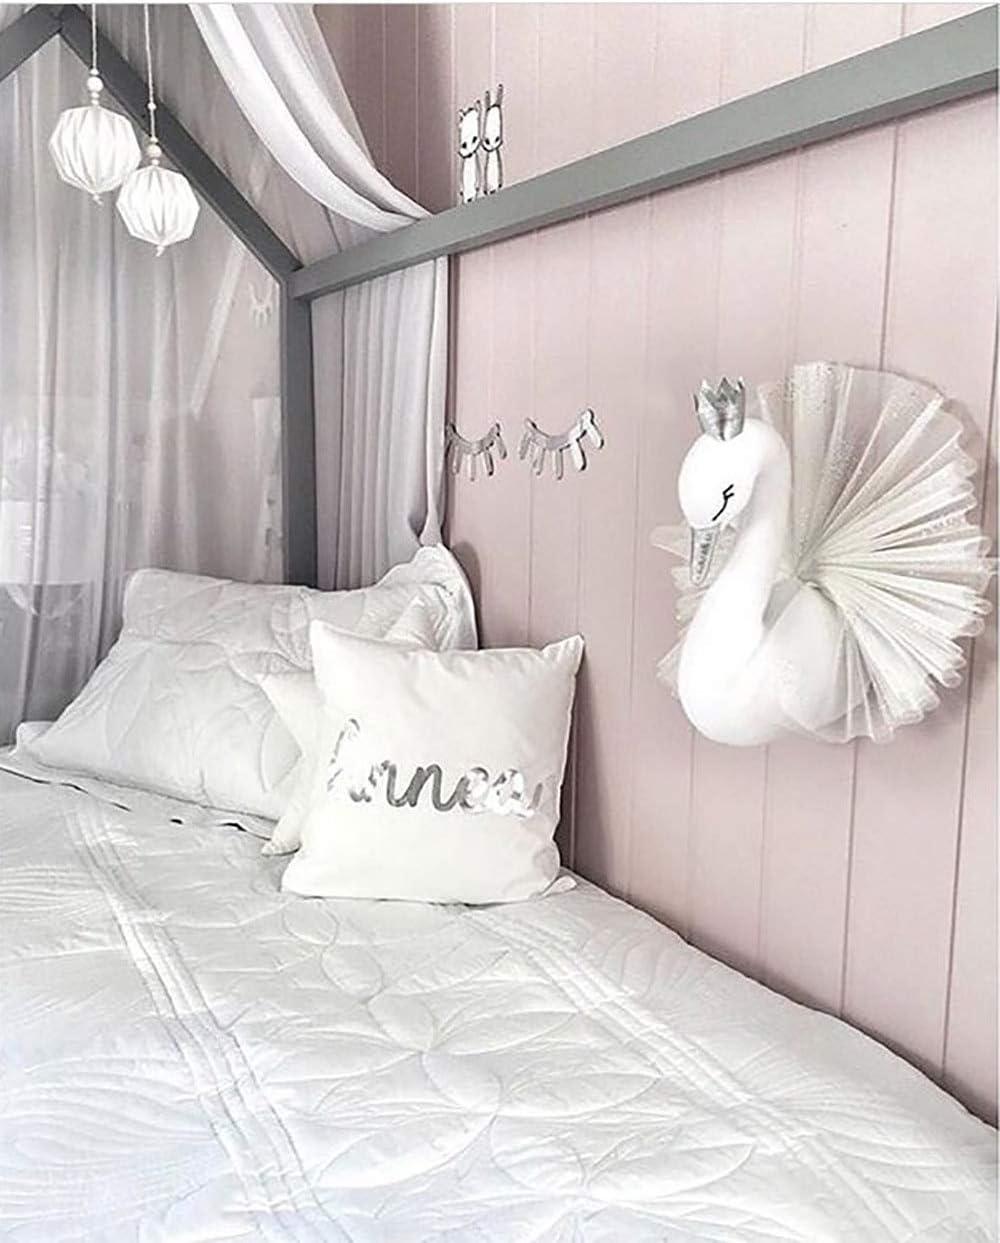 Amazon.com: Decoración para el hogar, pared de cisne 3D ...